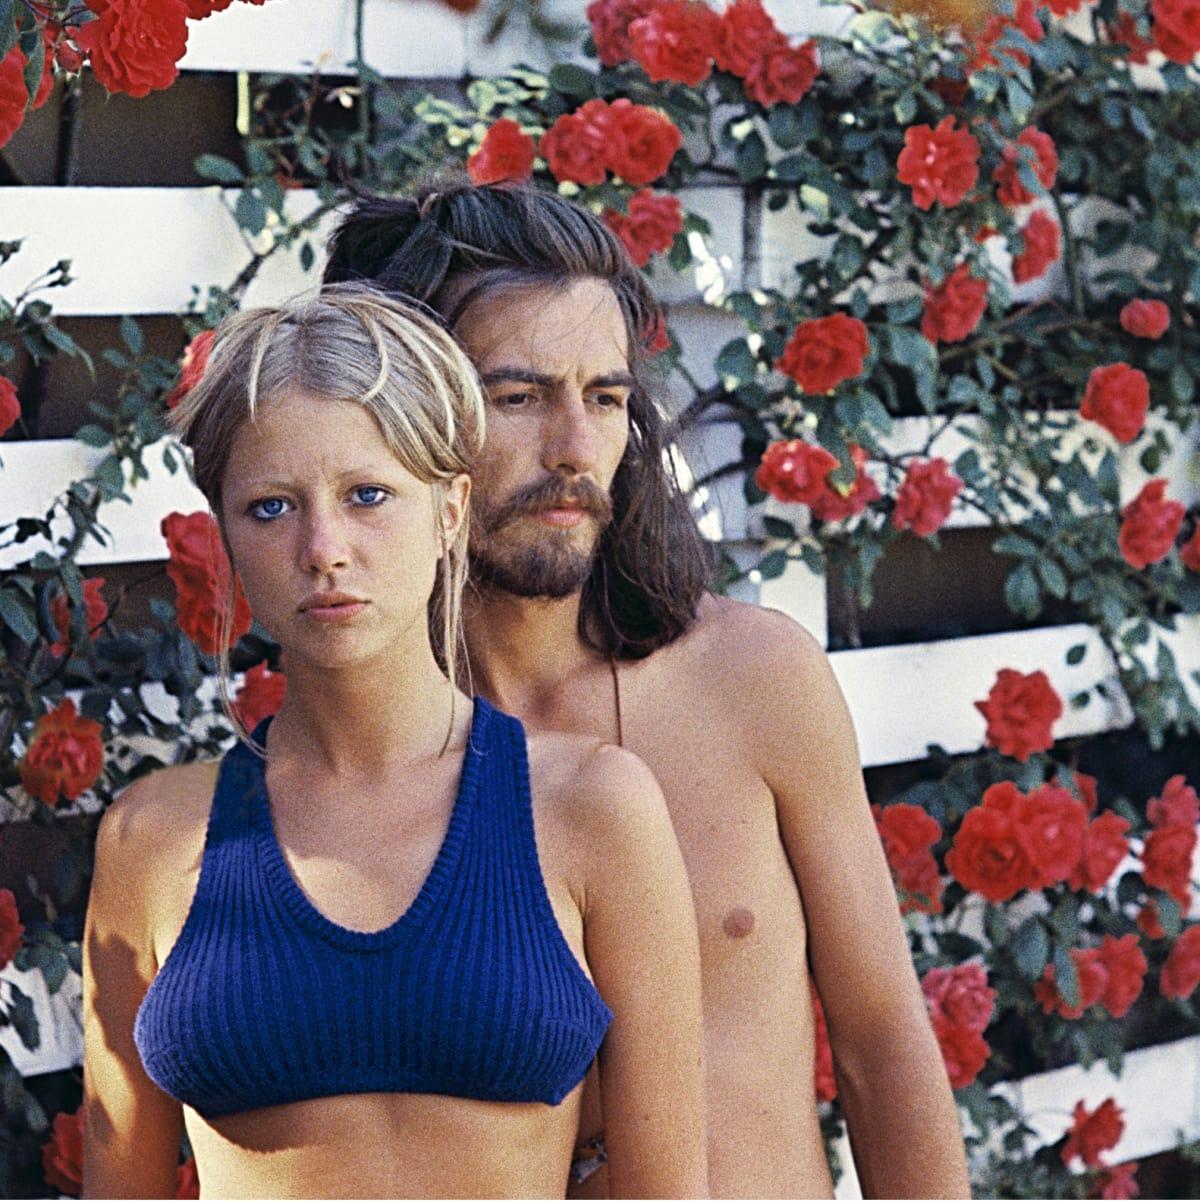 Rose Garden, Surrey, England, 1968